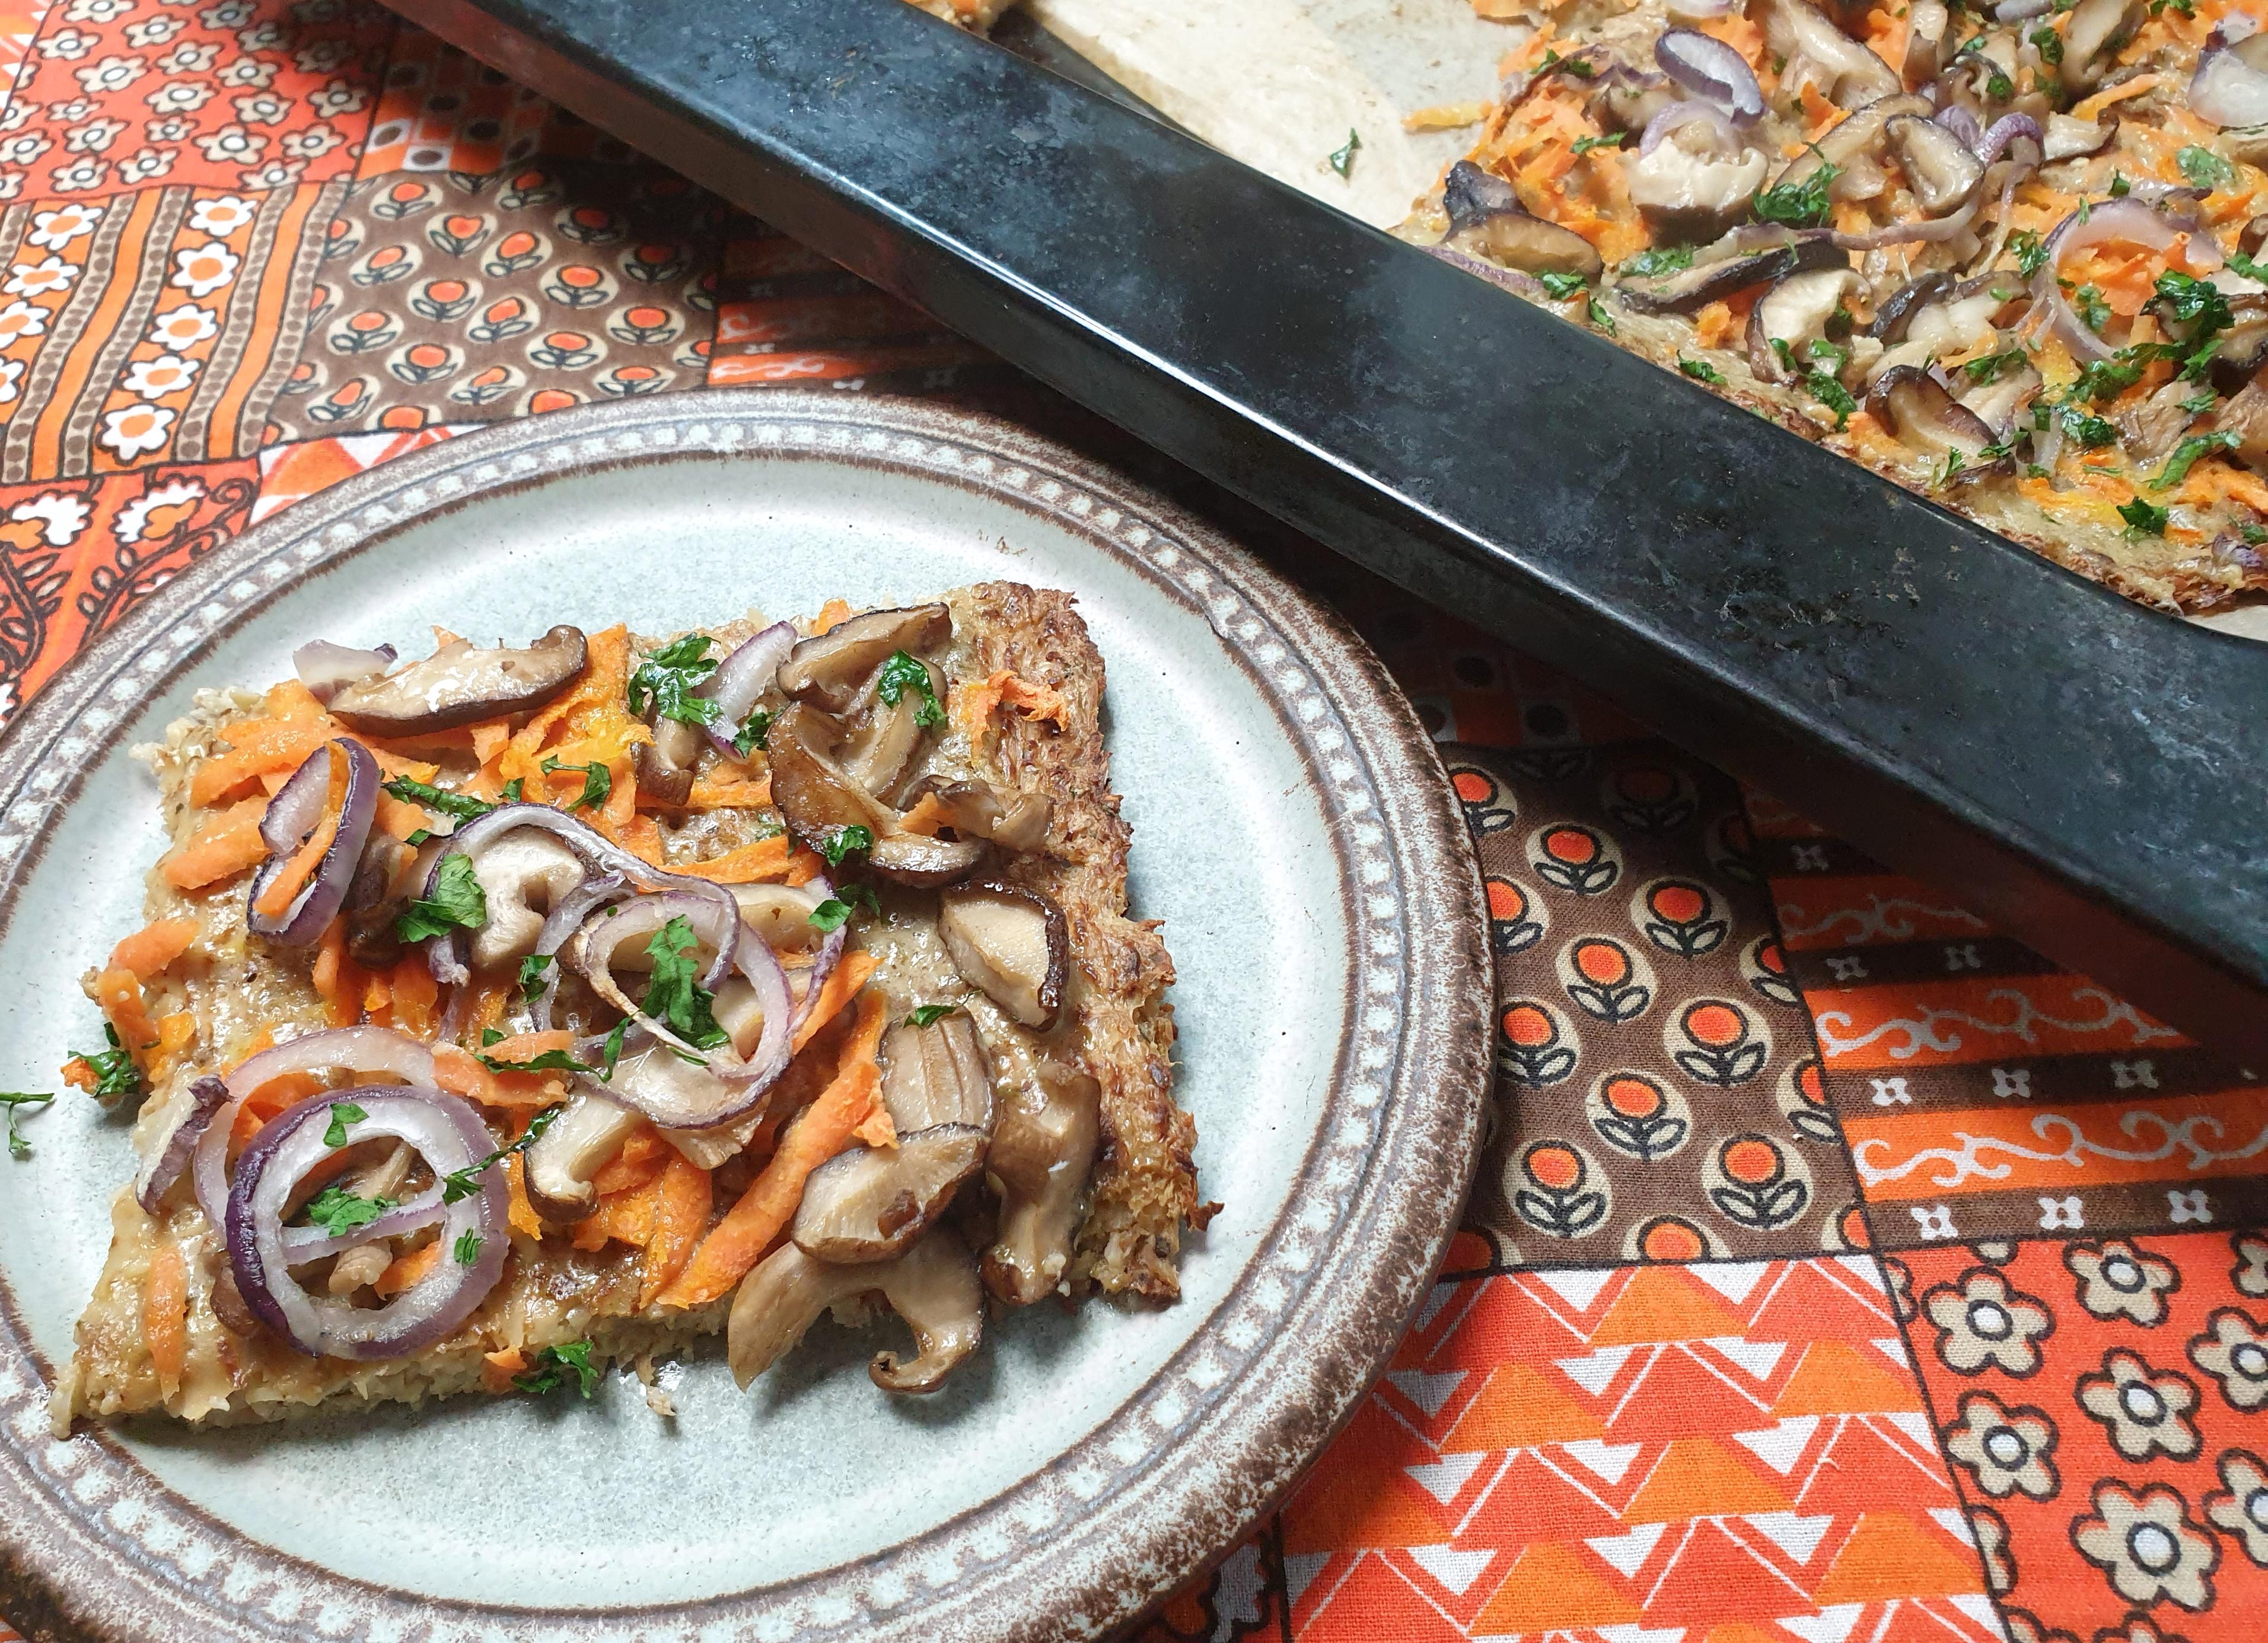 Uitgelichte foto voor het bericht Bloemkoolpizza met wortel en shiitake